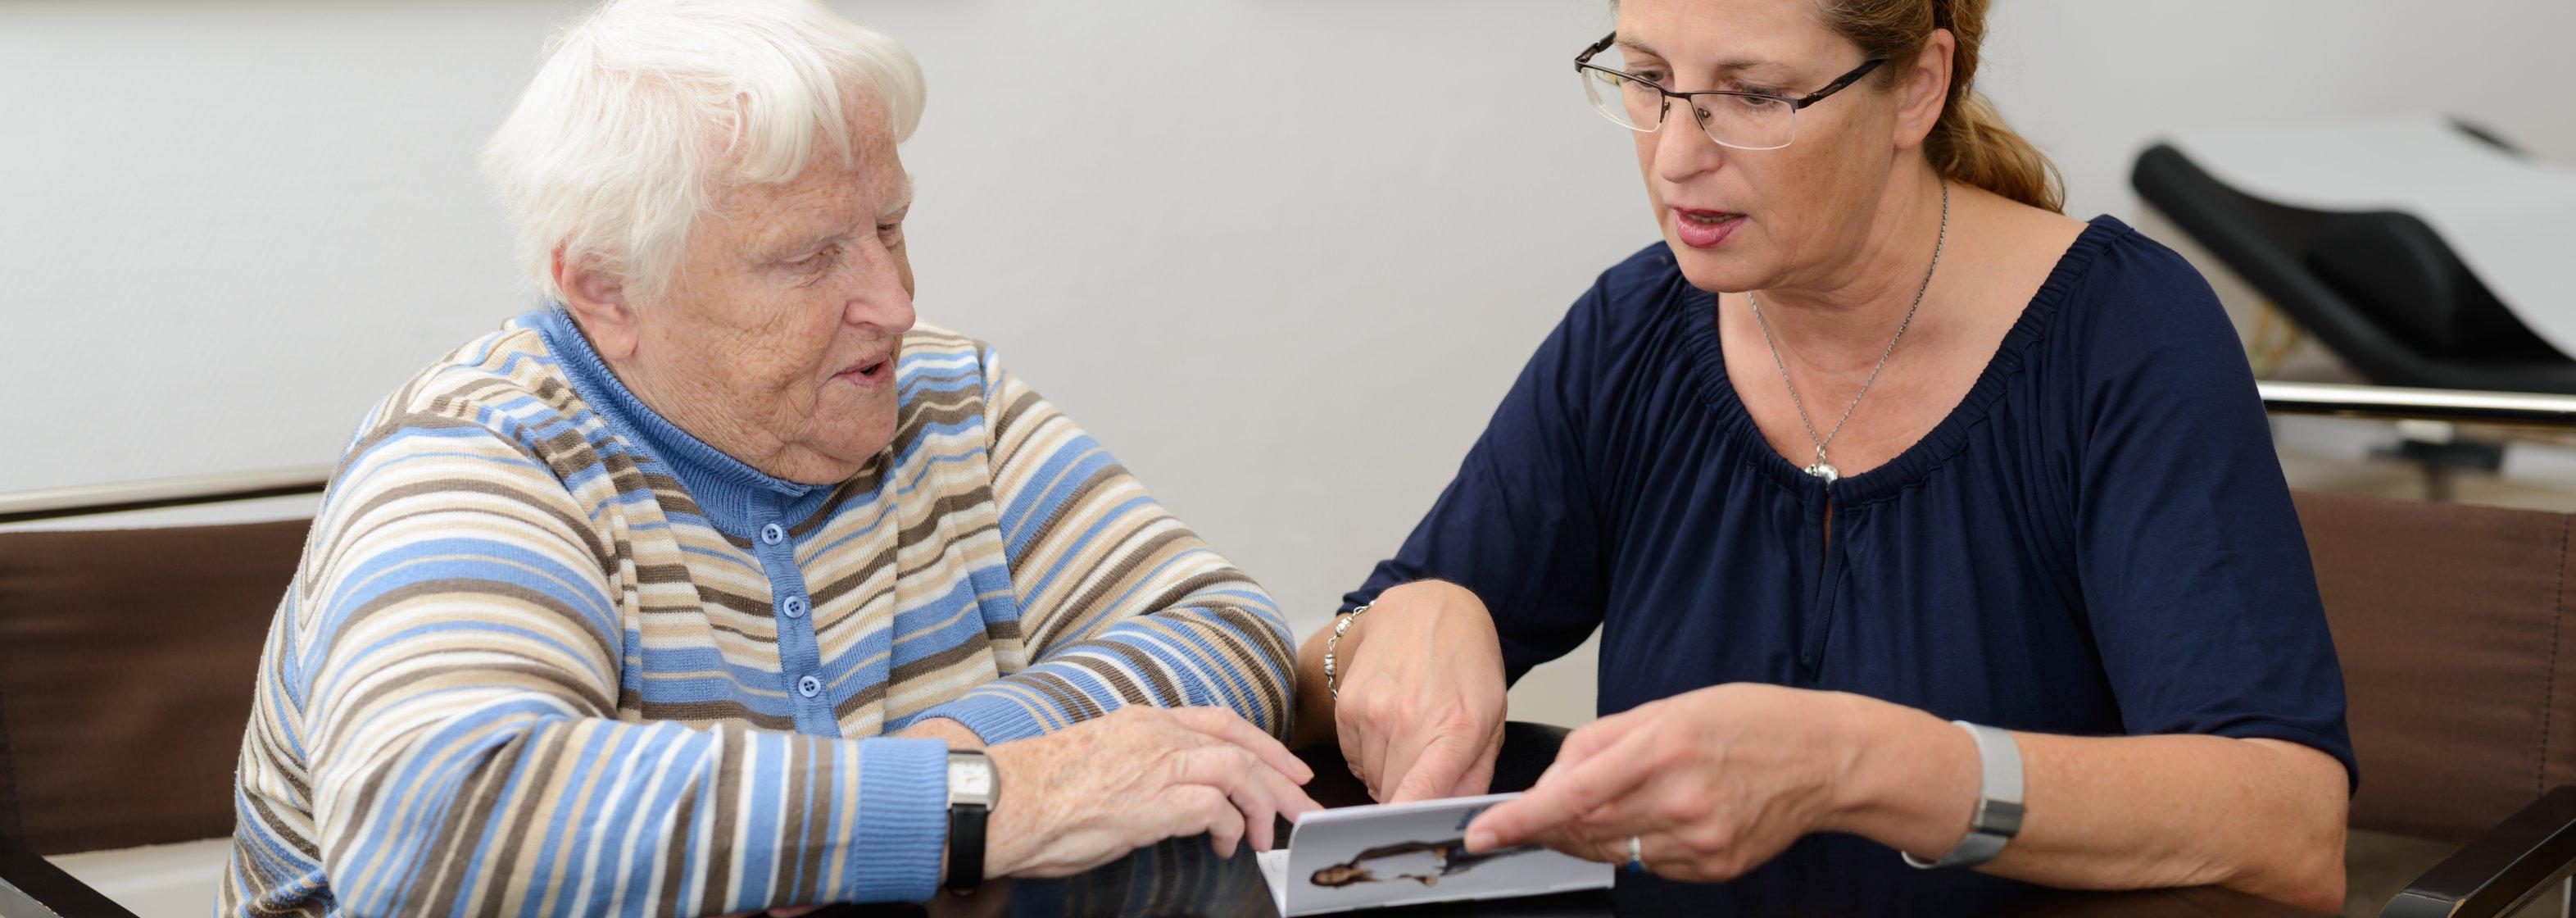 Beratung beim Arzt oder Diabetesberater